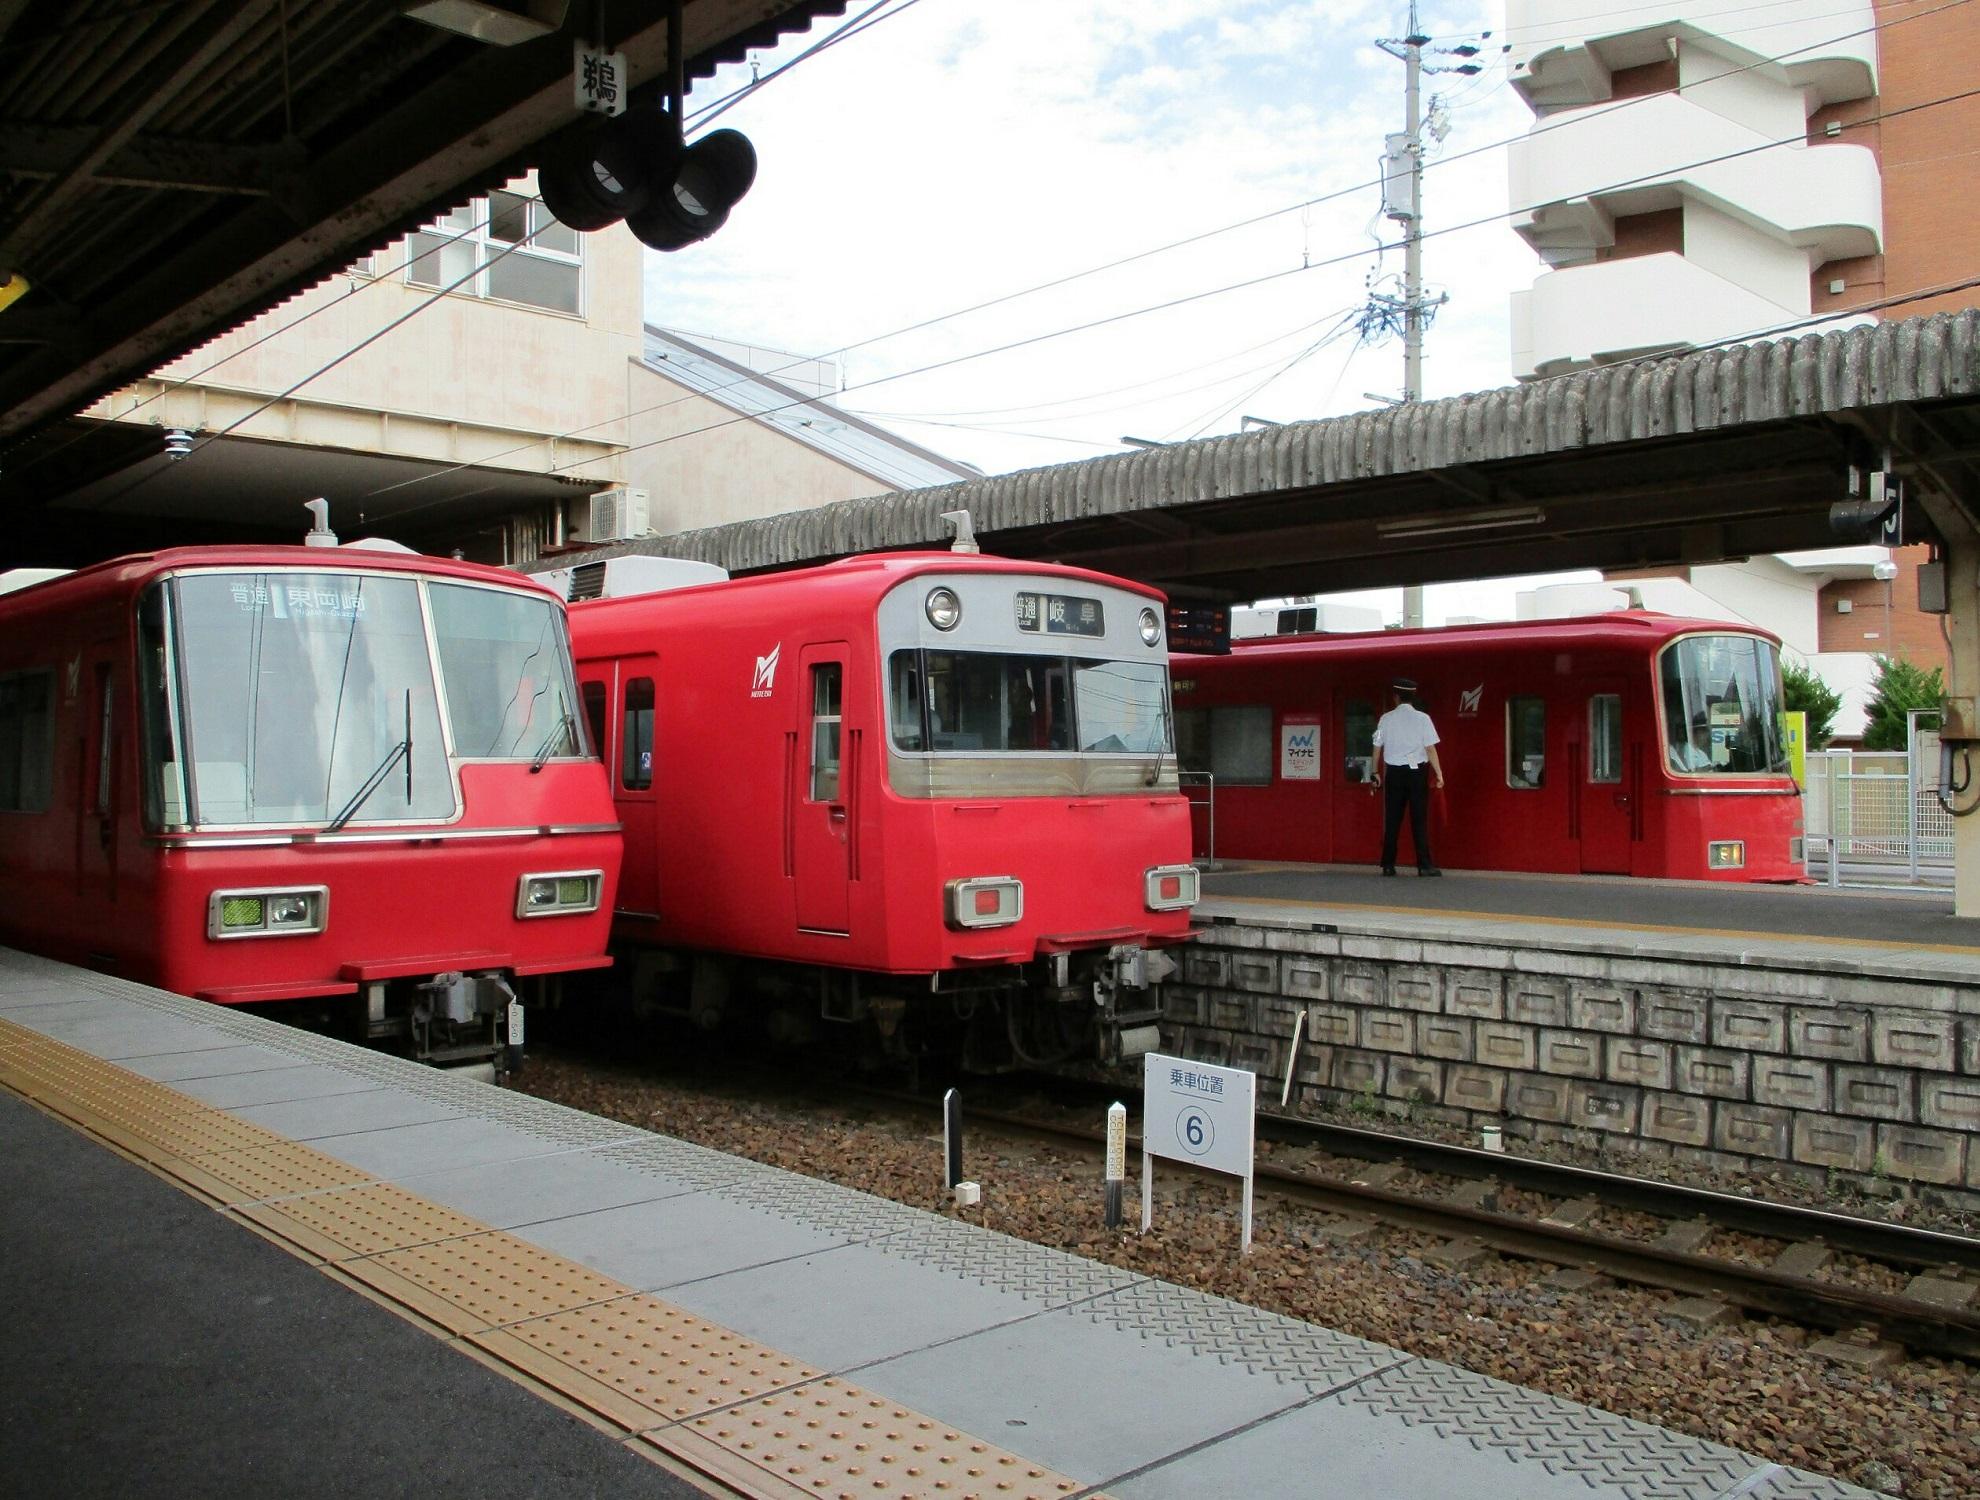 2018.6.30 (18) 犬山 - 東岡崎いきふつうと岐阜いきふつう 1980-1500